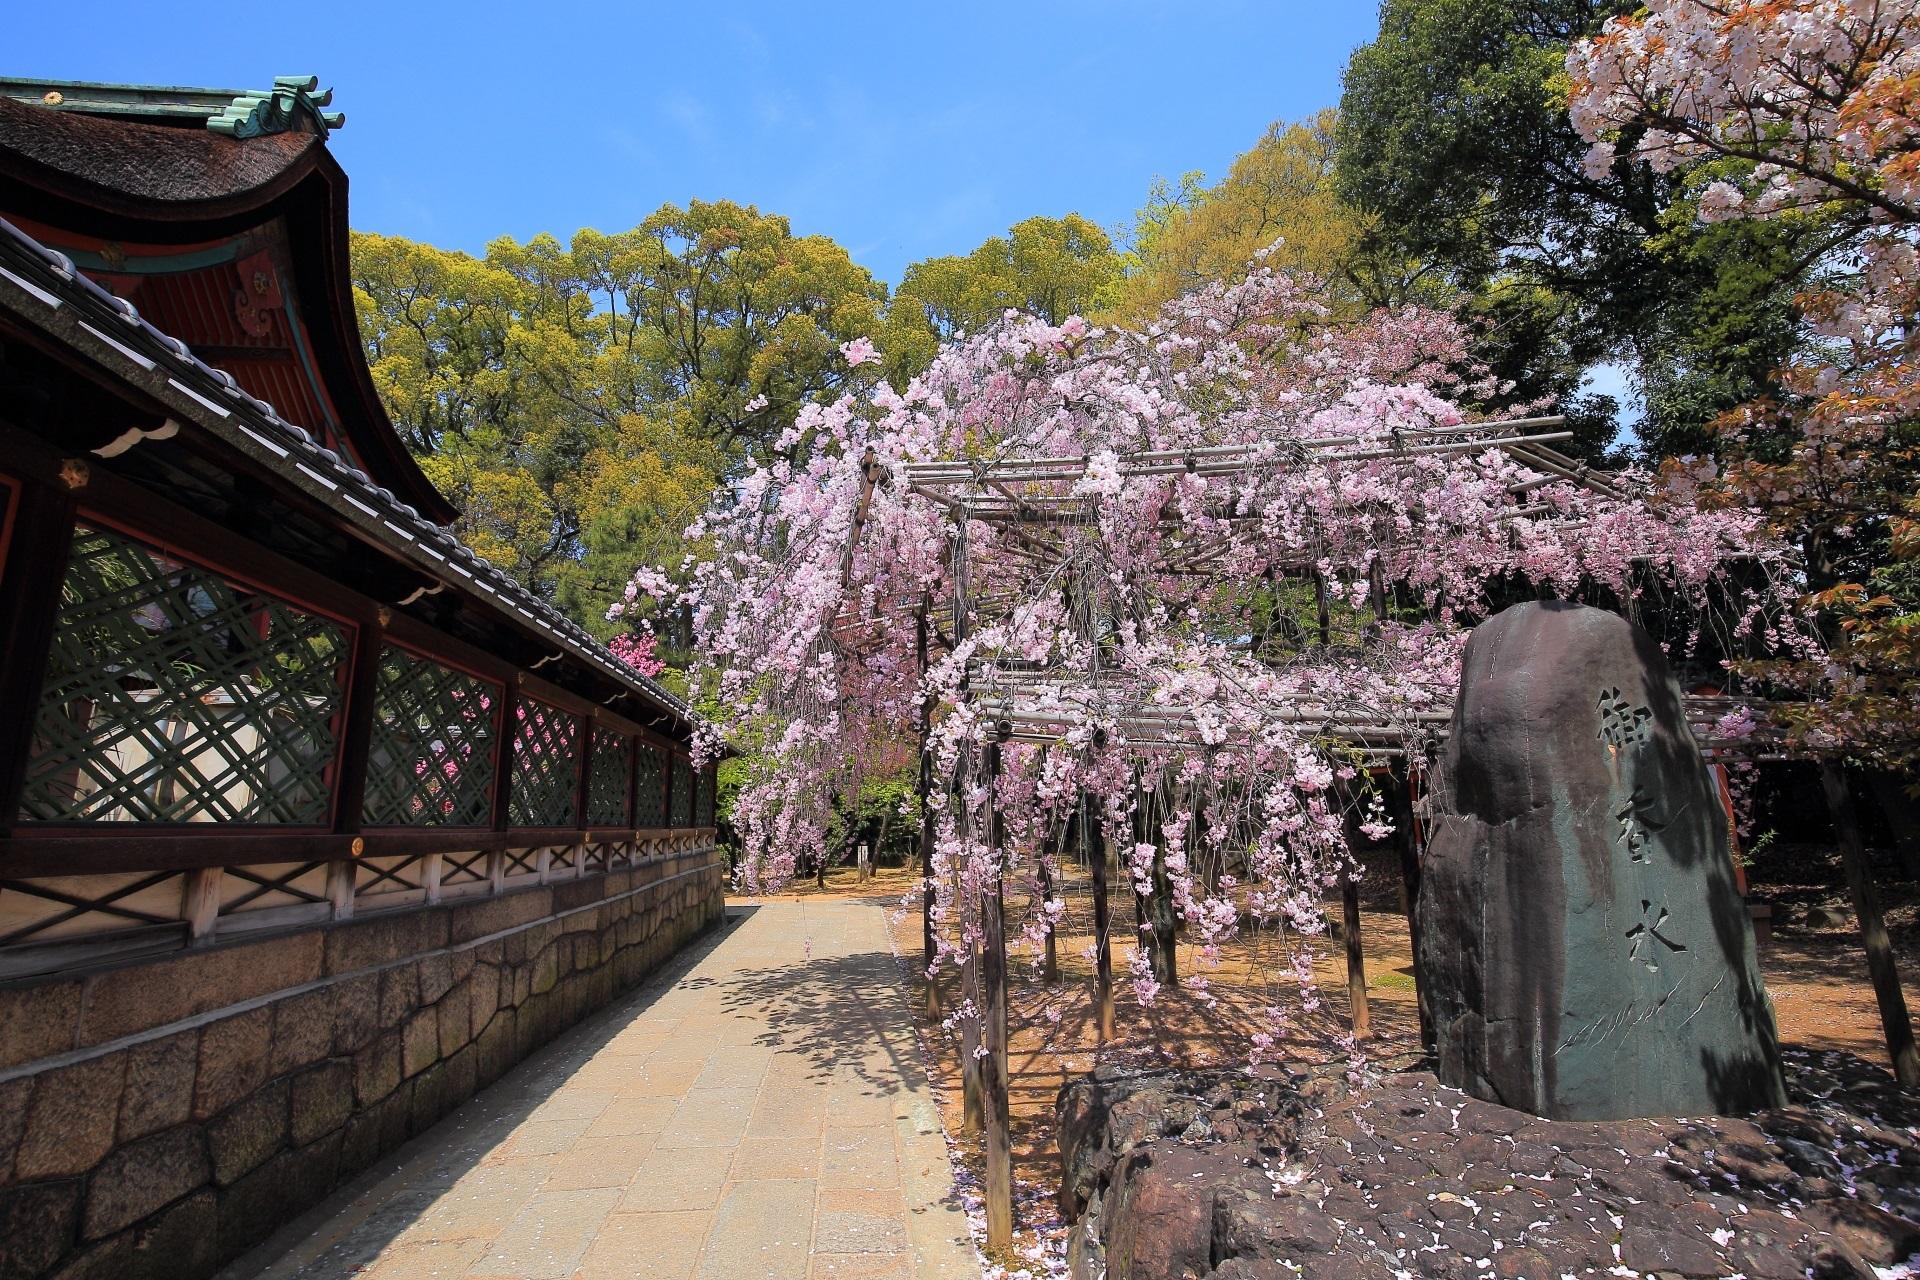 御香宮神社のしだれ桜  菊桃と桜の春の彩り